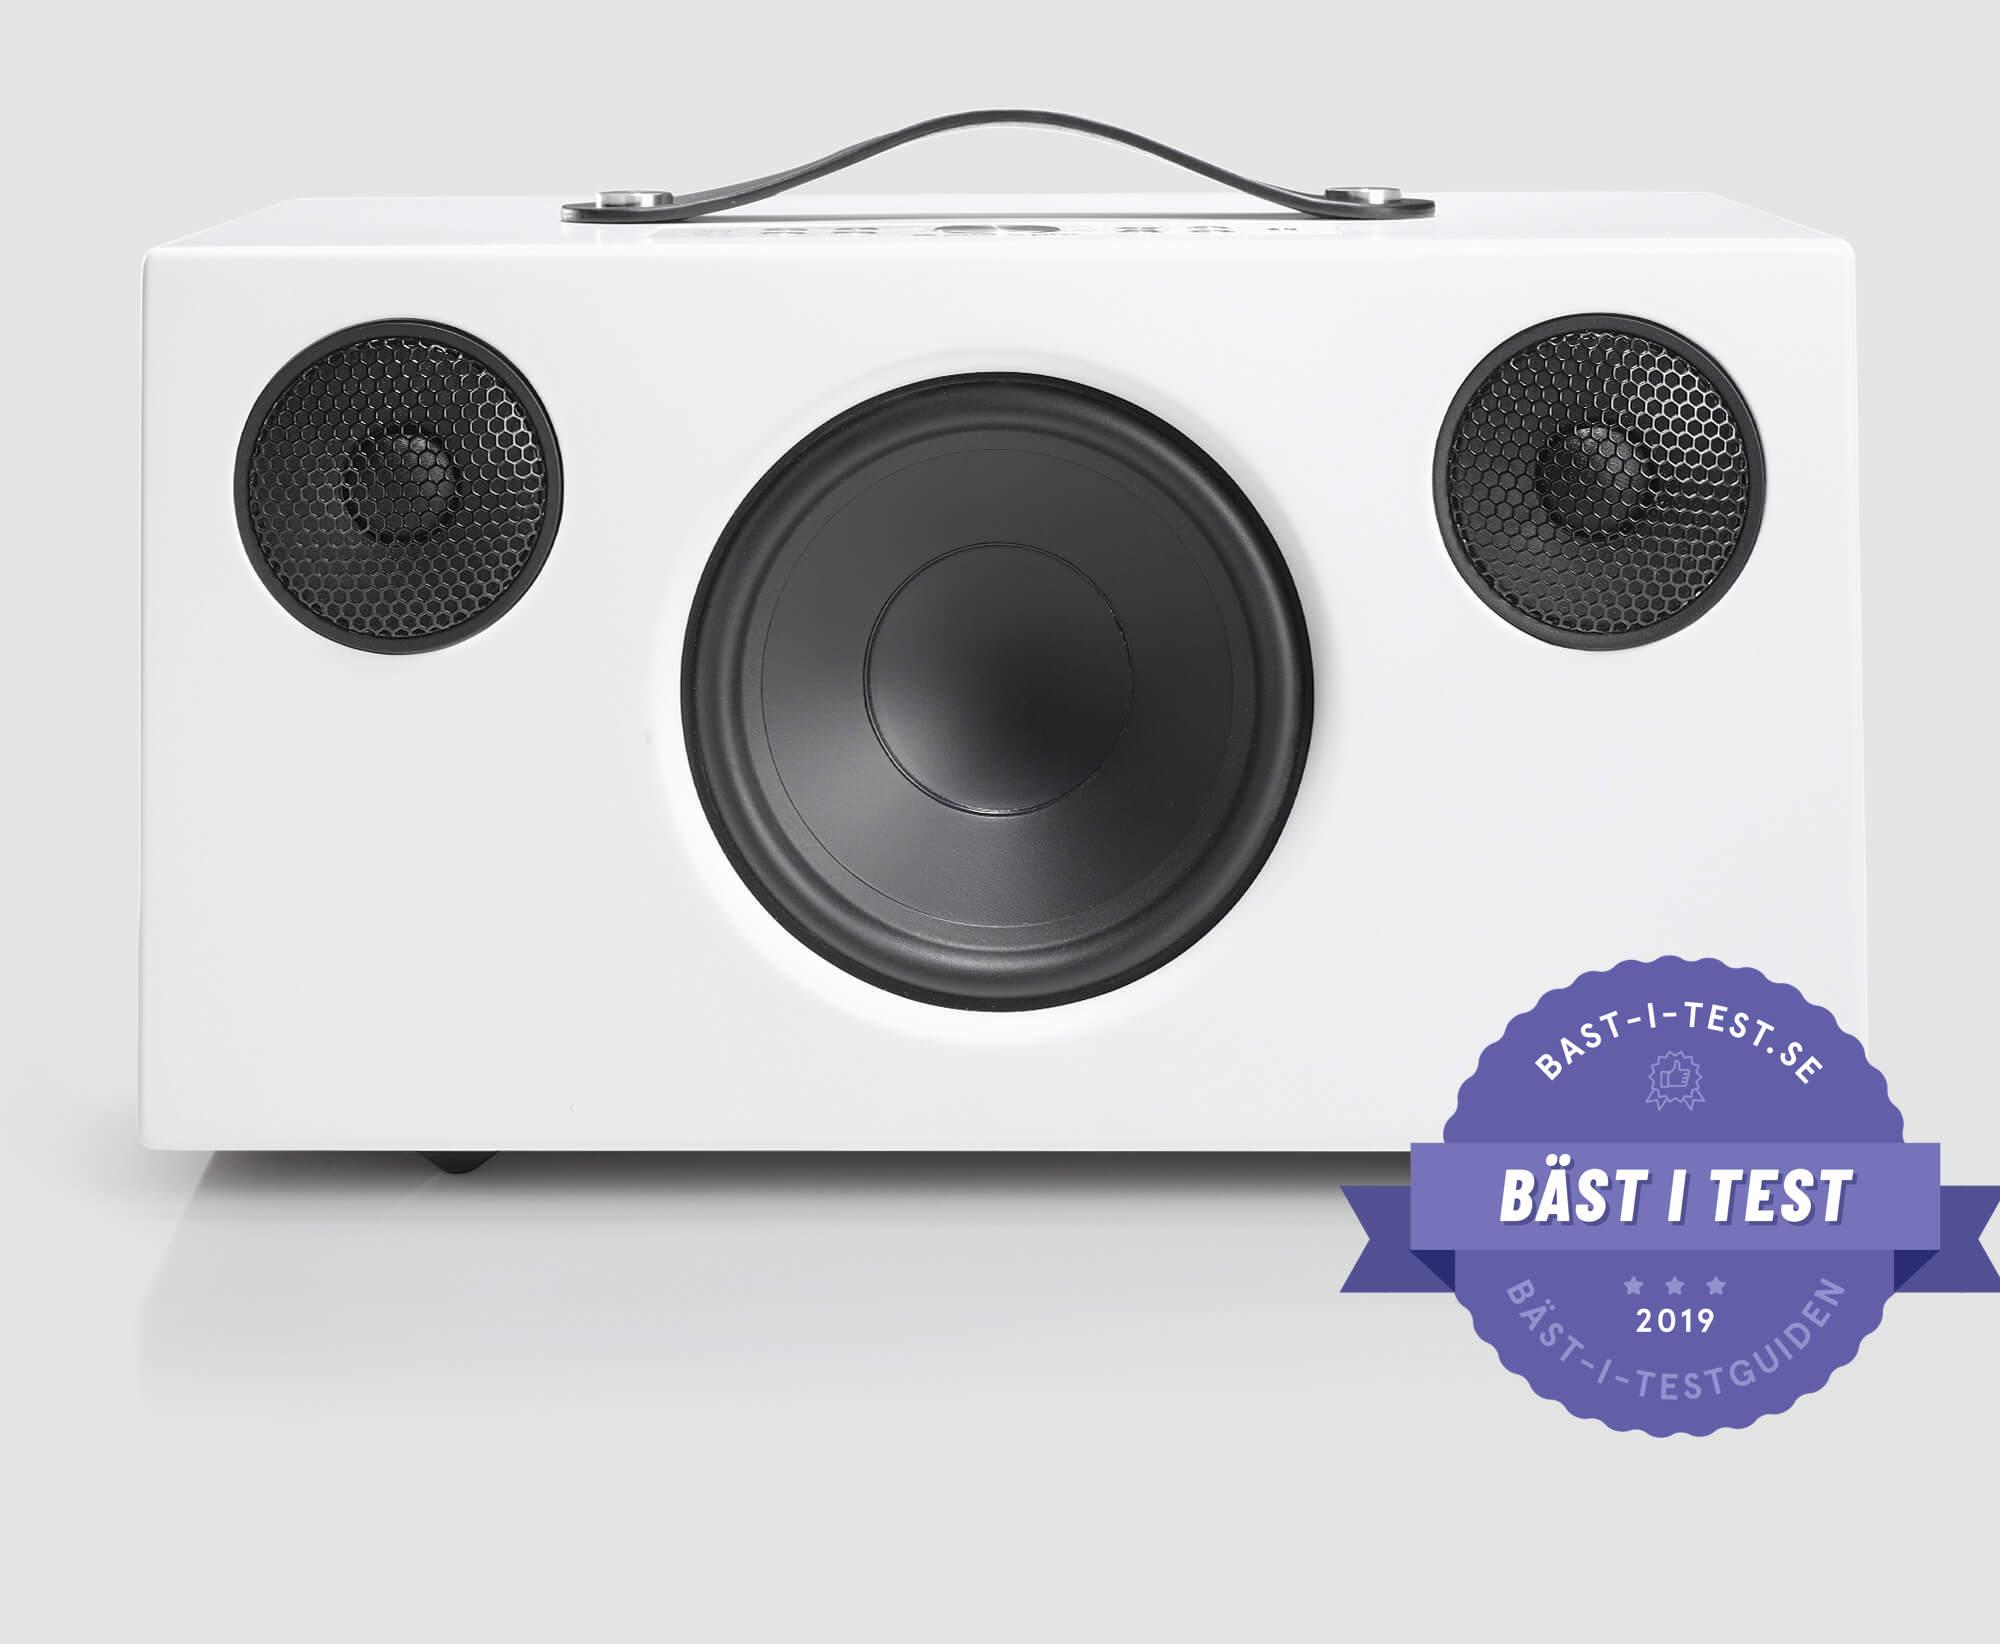 Bästa trådlösa högtalare med bluetooth 2019 - Bäst i test Guiden 1e9fcb0501e93